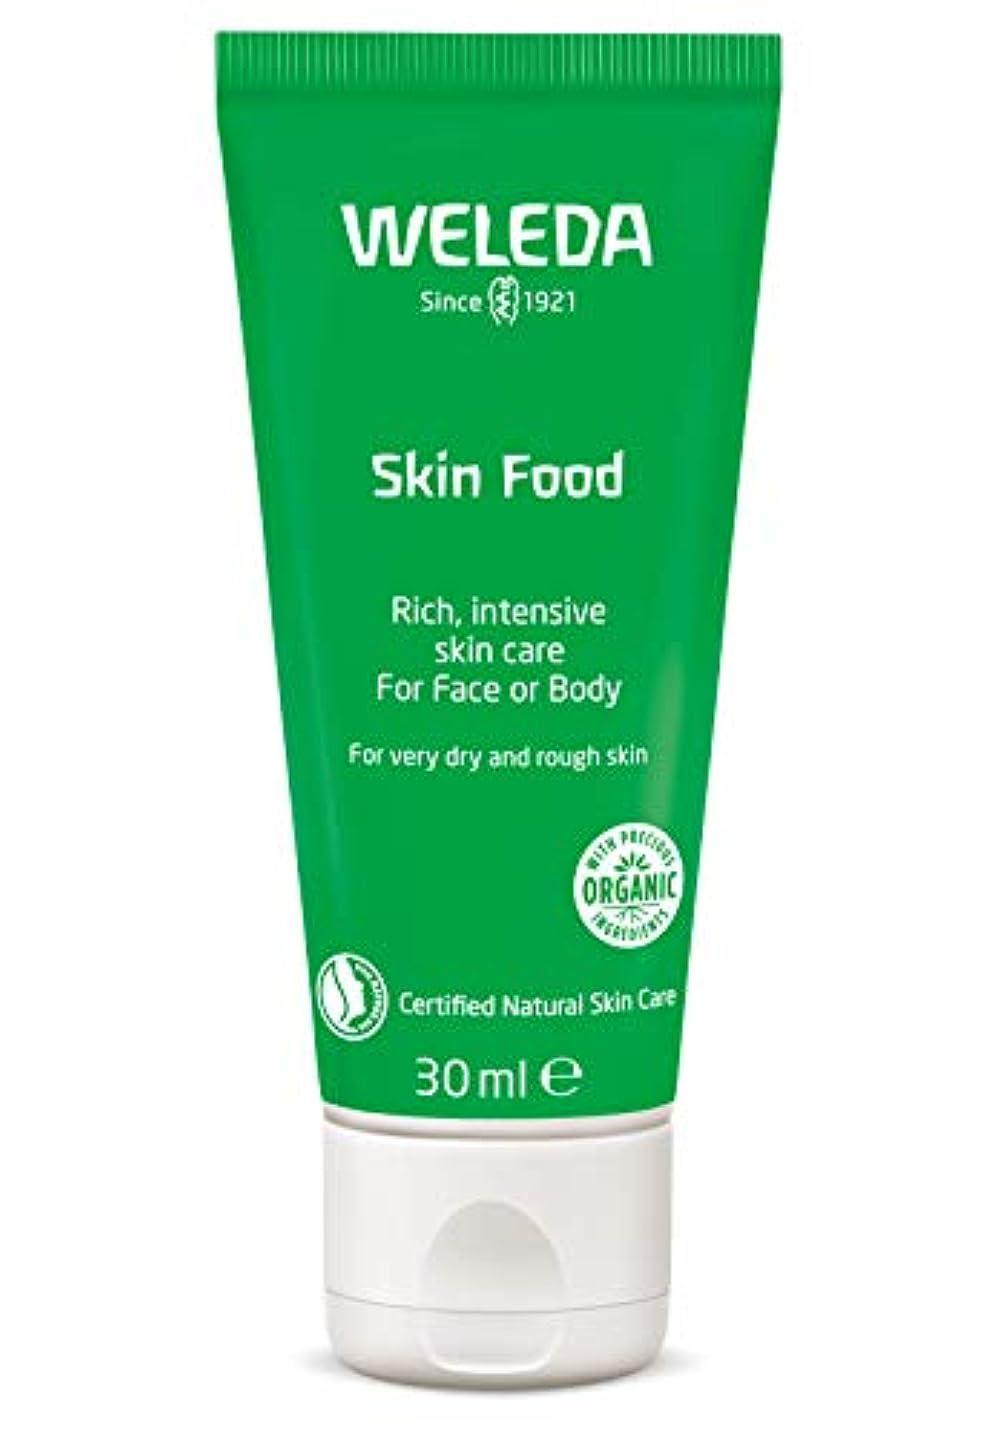 冷ややかな脇に明確にWELEDA(ヴェレダ) スキンフード(全身用クリーム) 30ml 【ひどい乾燥やゴワつきに?手や肘、かかとなどの集中ケアに?肌荒れしやすい季節のお顔のケアに】